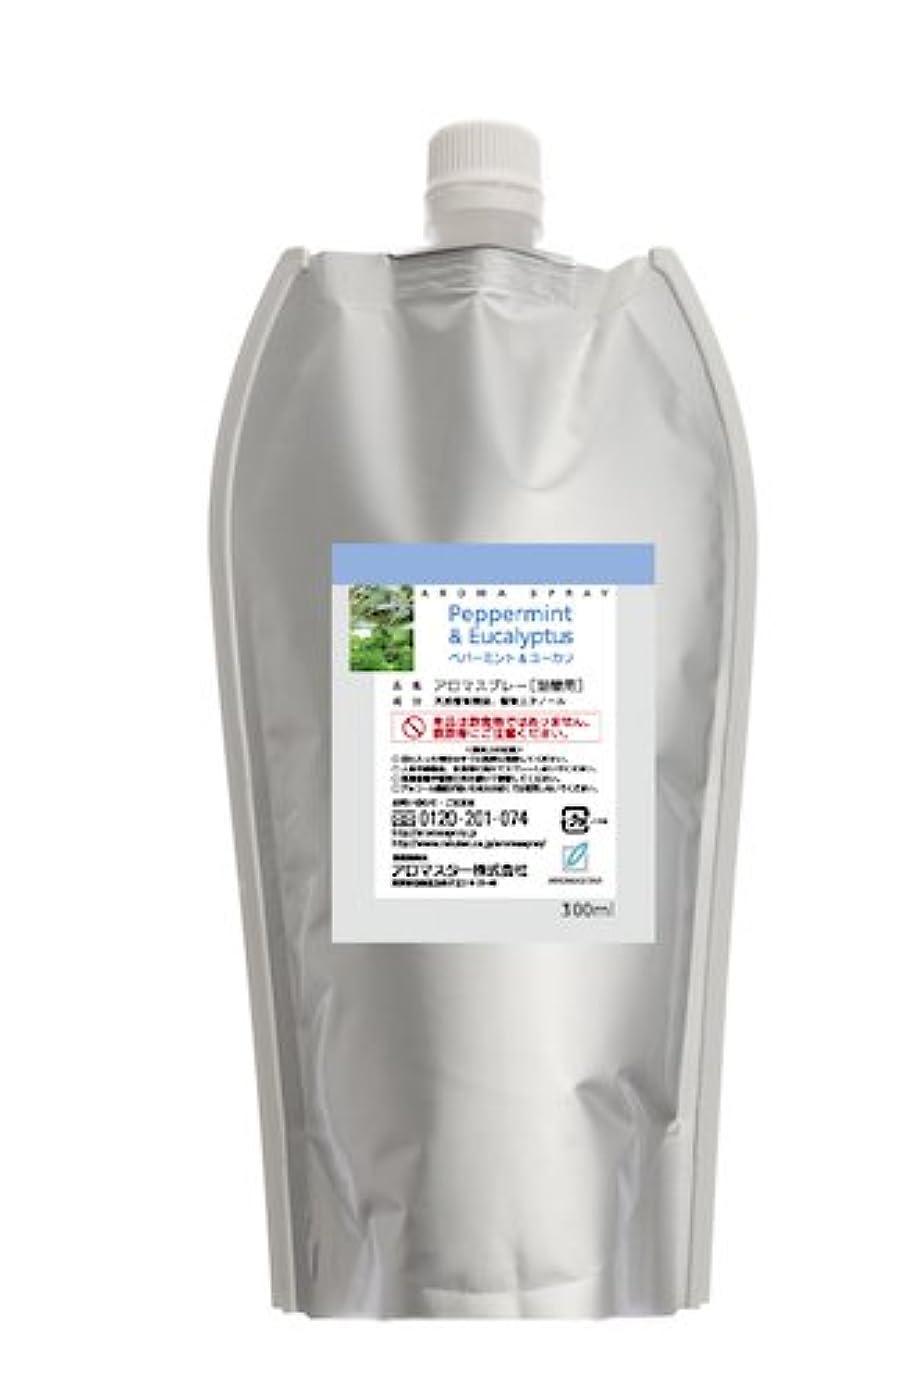 アラバマガイドライン乳白AROMASTAR(アロマスター) アロマスプレー ペパーミント&ユーカリ 300ml詰替用(エコパック)